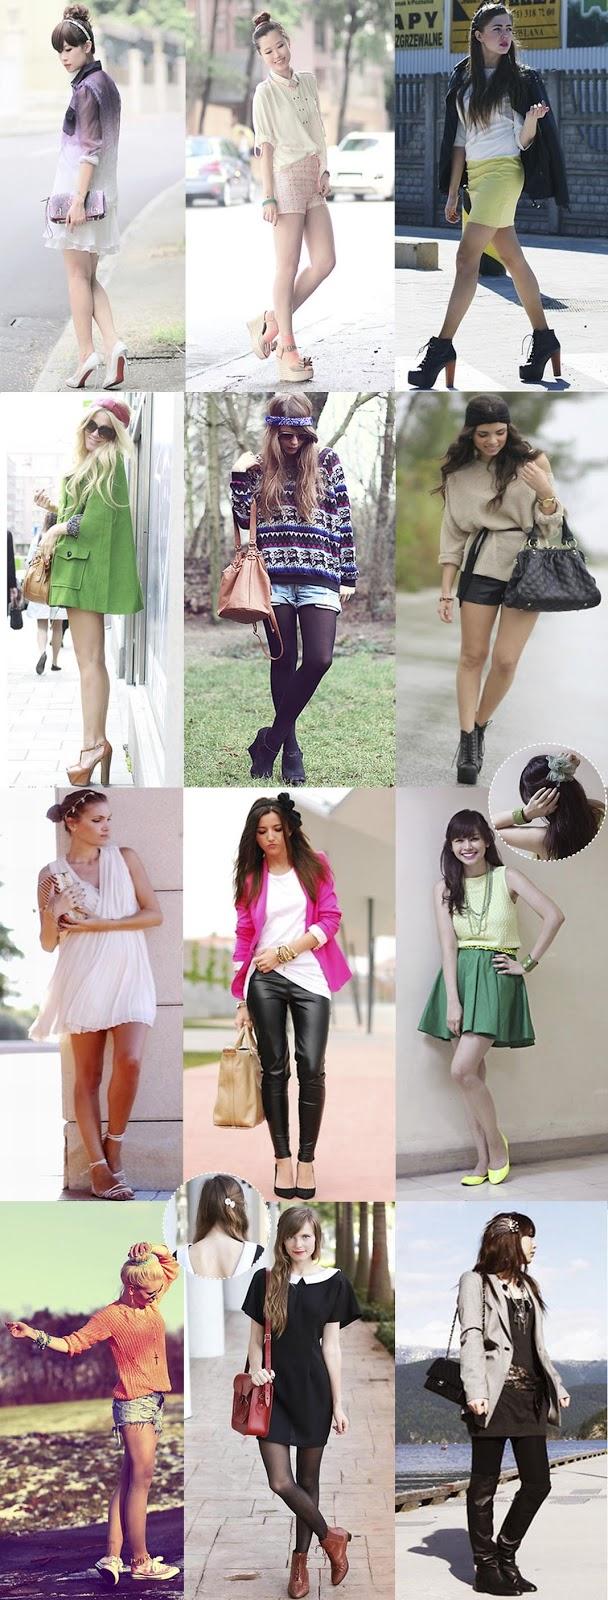 como usar, turbante, tiara, headband, lenço, faixa, estilo, moda, look, roupa